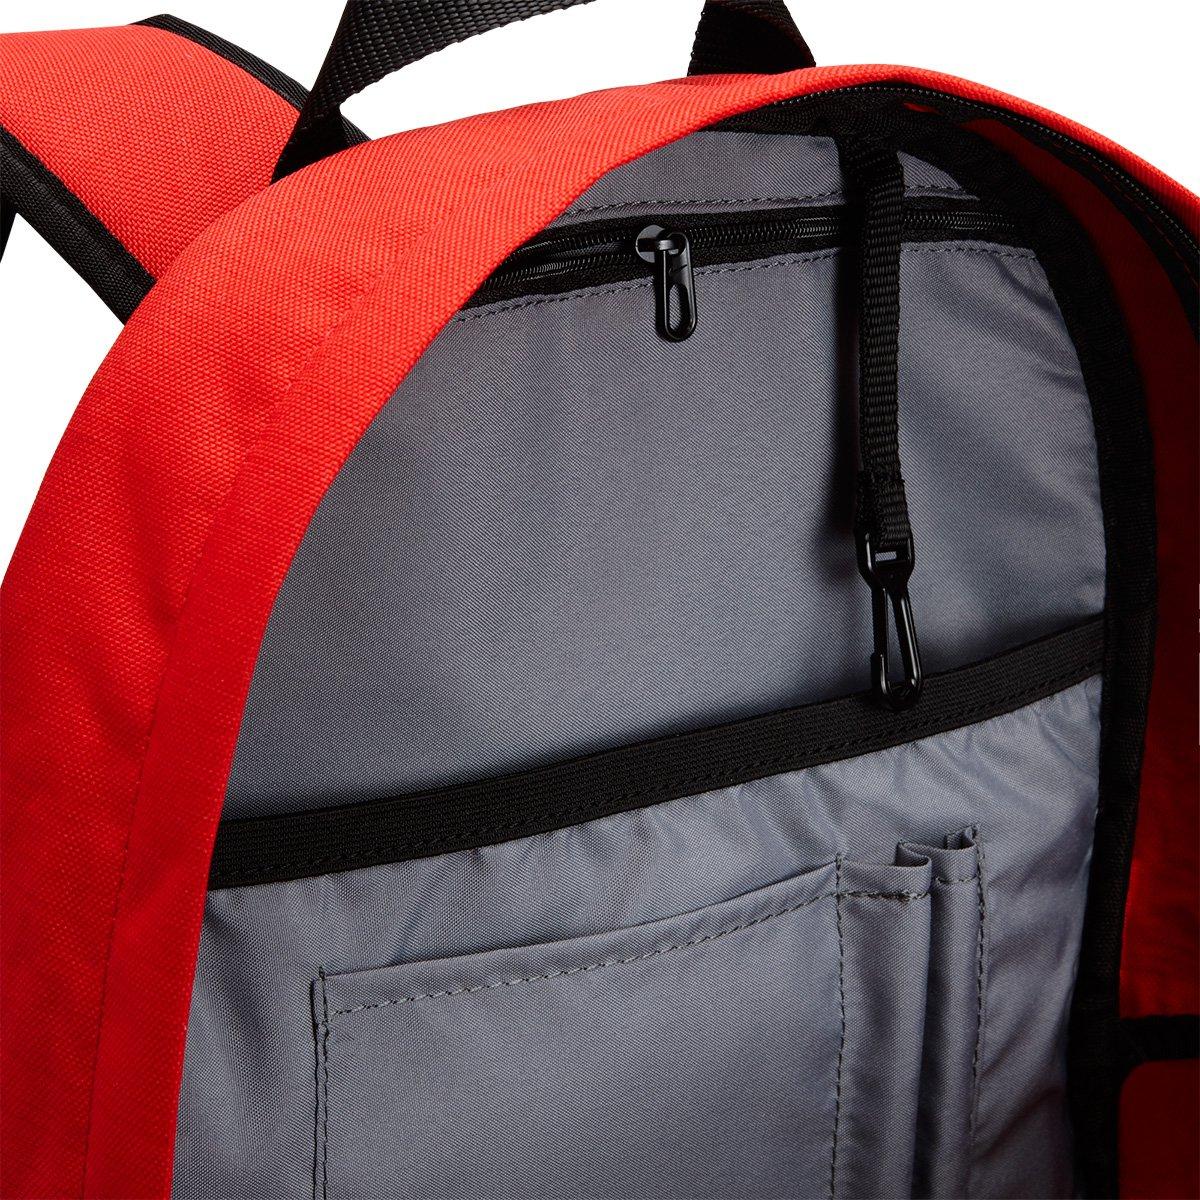 99e912dae0 Mochila Nike Brasília - Vermelho e Preto - Compre Agora